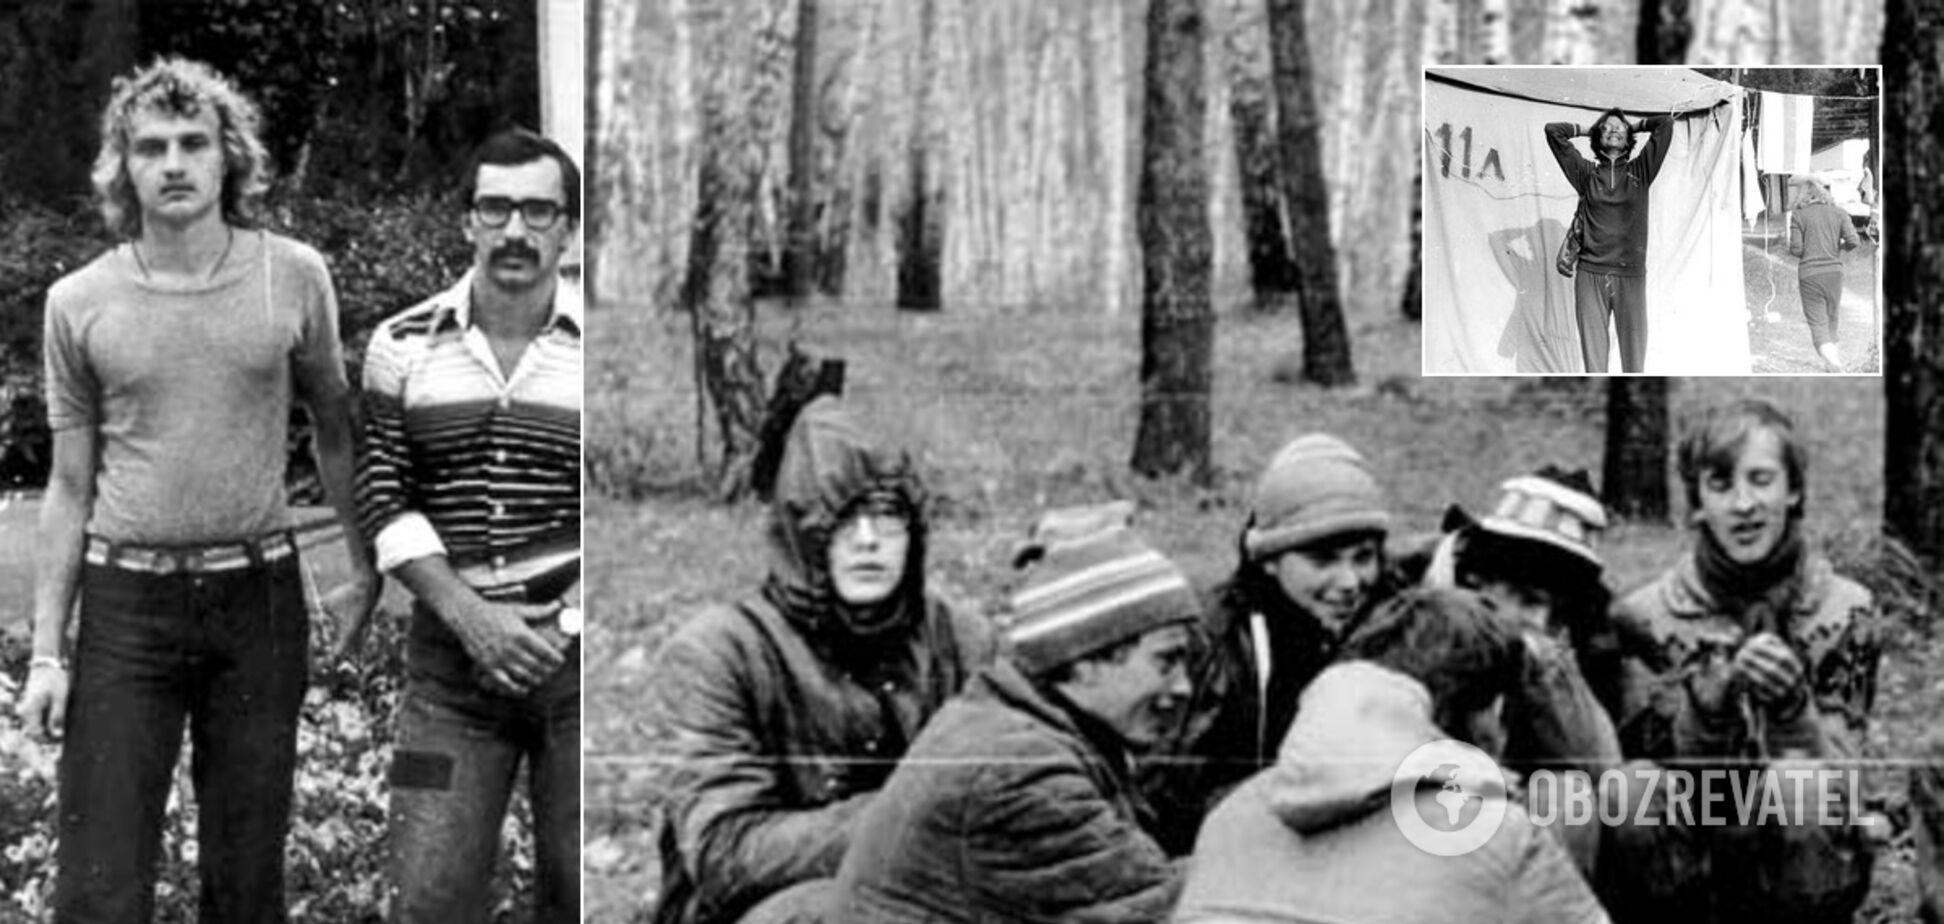 Как одевалась молодежь в СССР: в сети напомнили спортивные костюмы, телогрейки и кеды. Фото